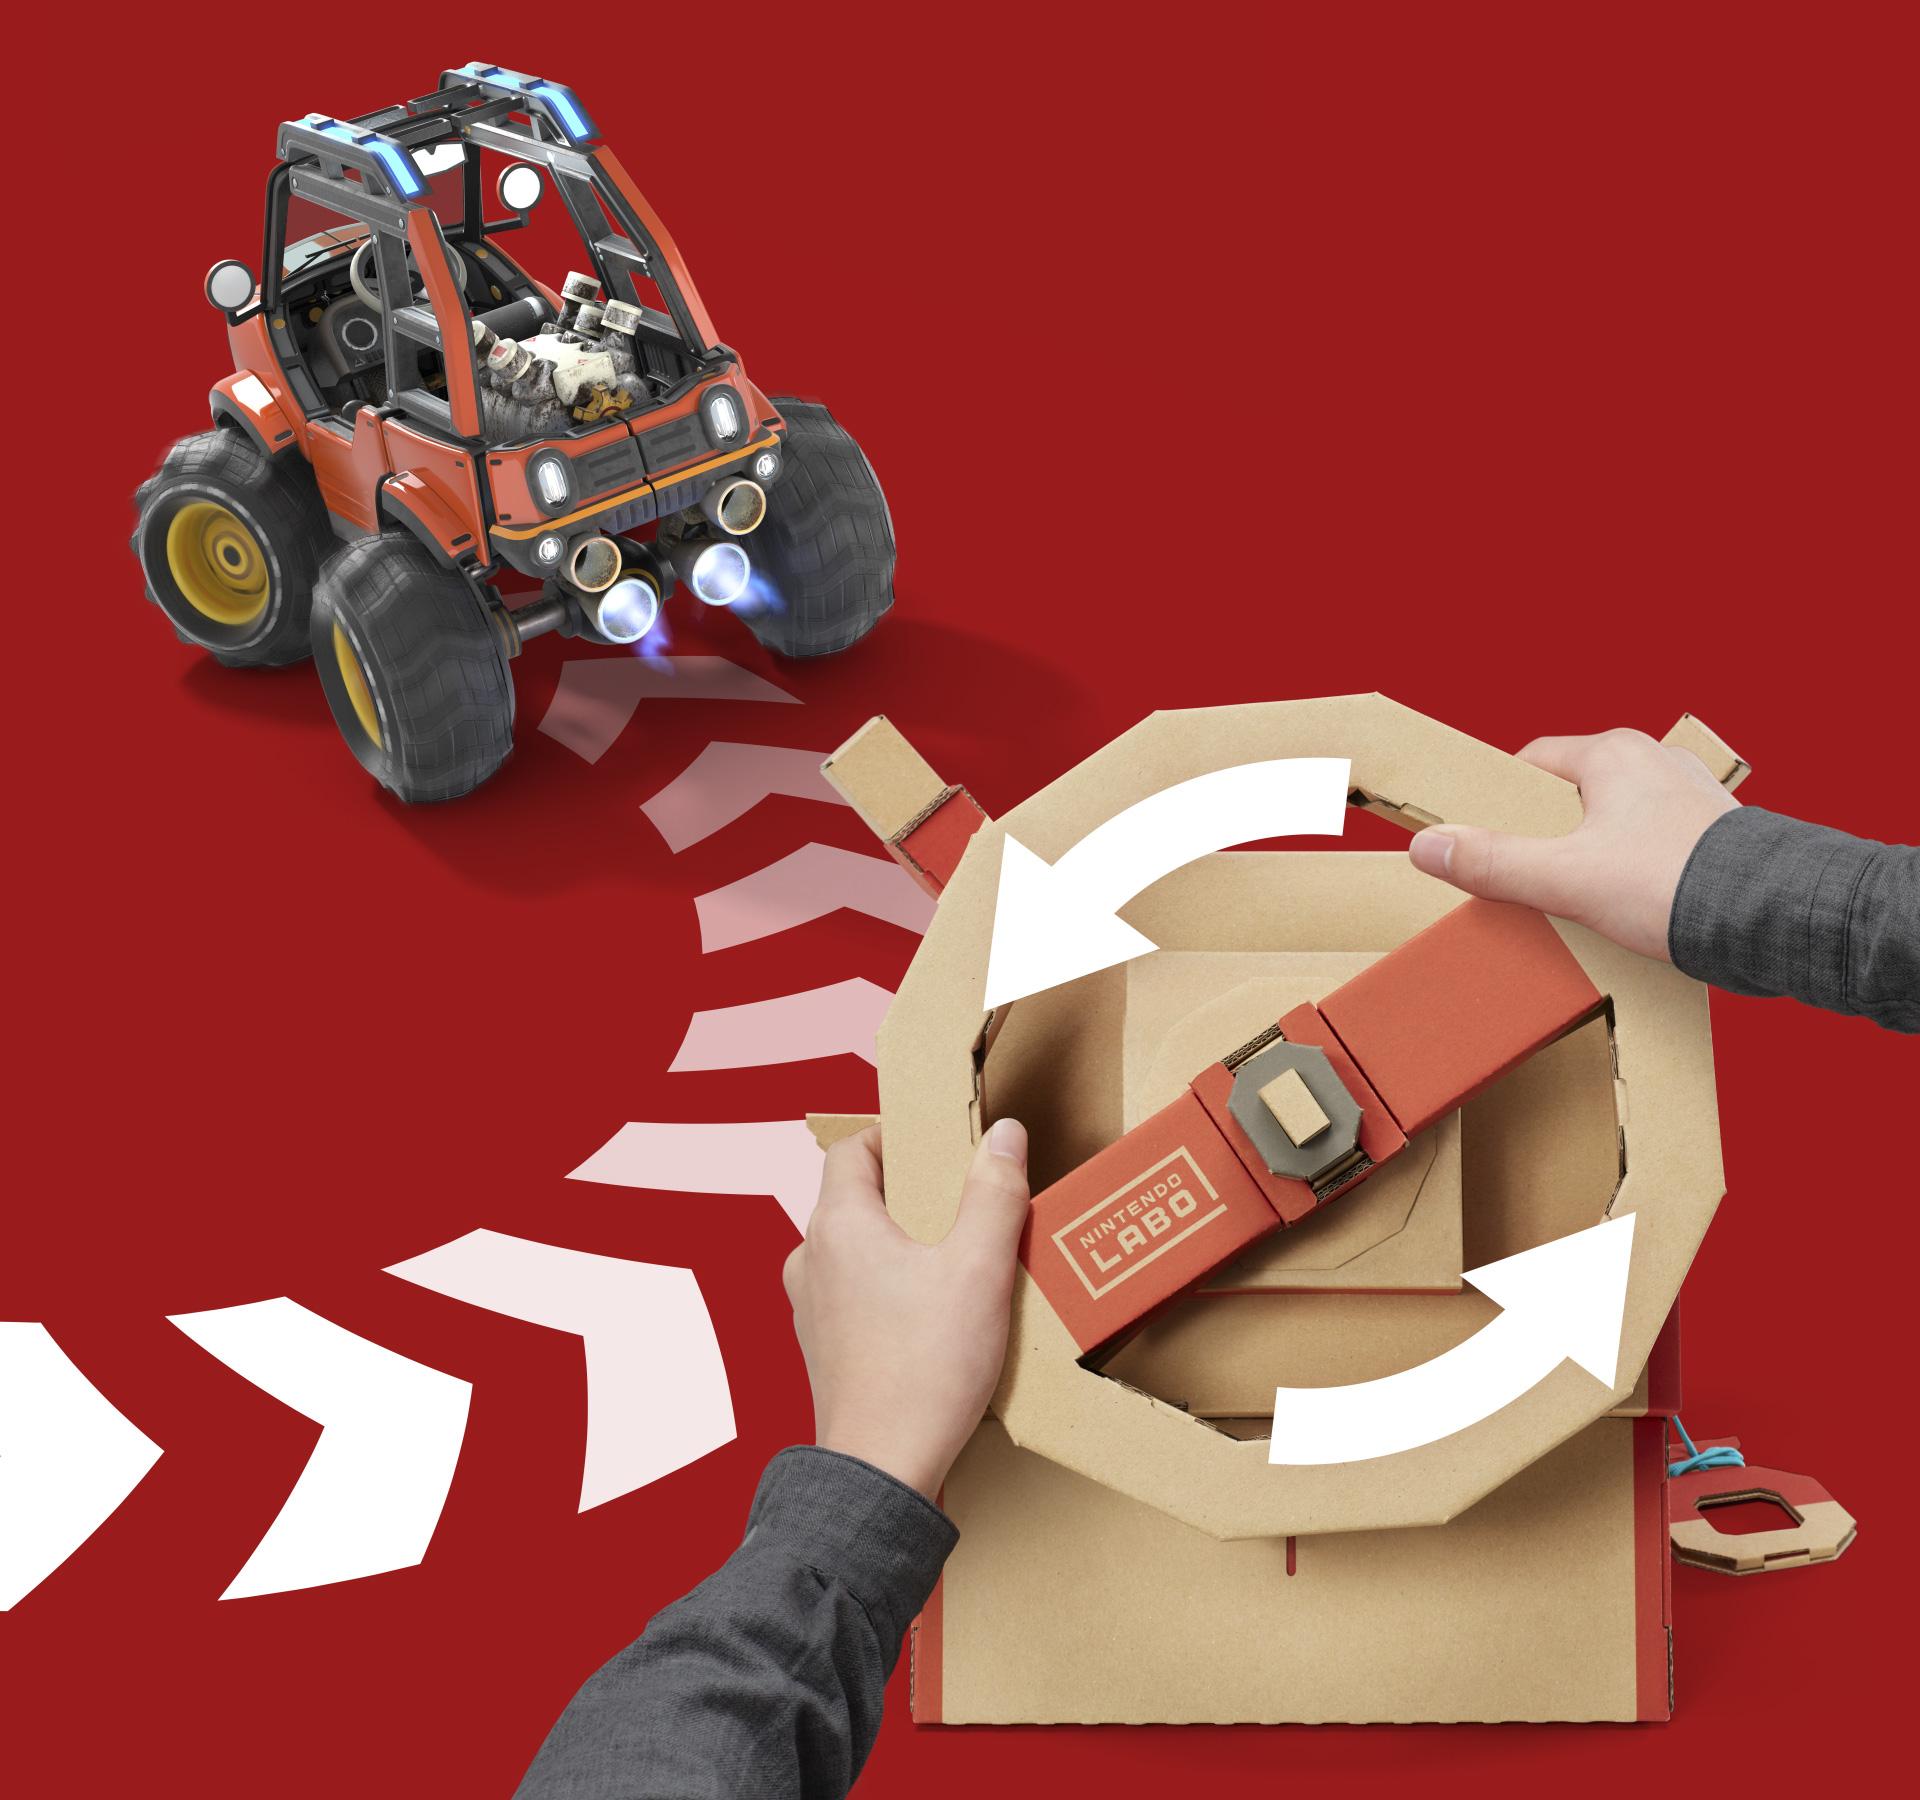 Funktioniert selbst in engen Kurven tadellos: die Steuerung des Autos per Lenkrad.